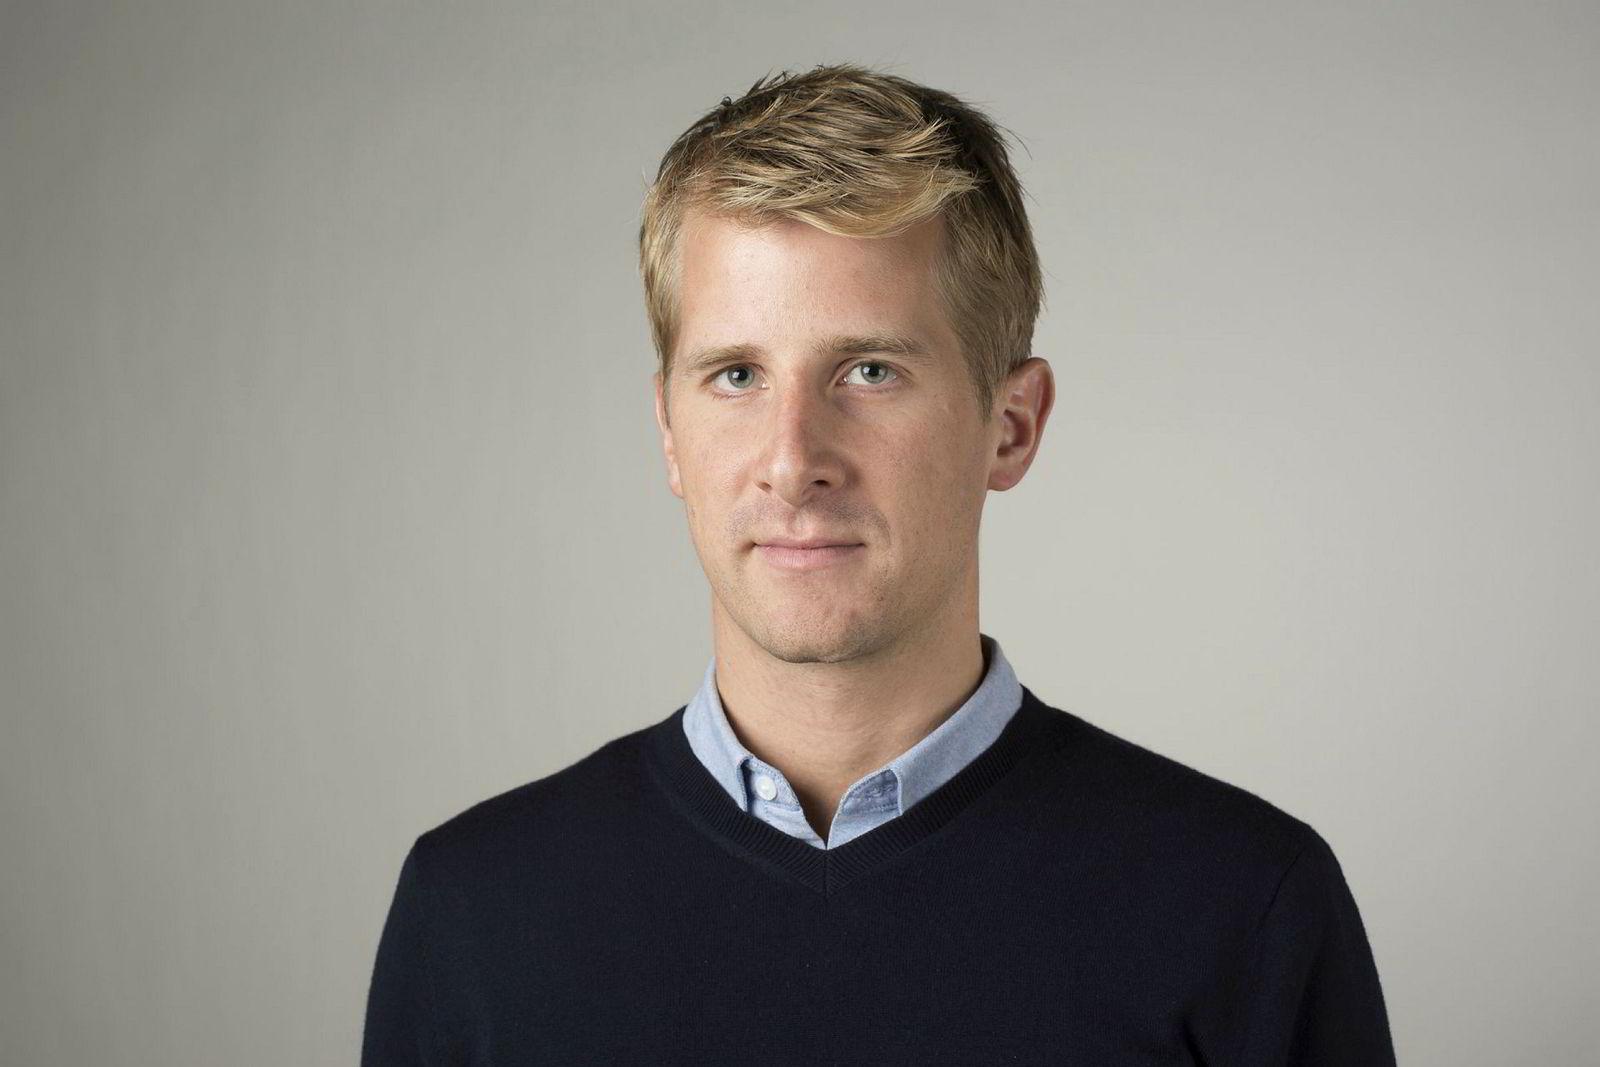 Kripos etterforsker ikke Bitcoins Norge-saken, ifølge kommunikasjonsrådgiver Axel Due i Kripos.